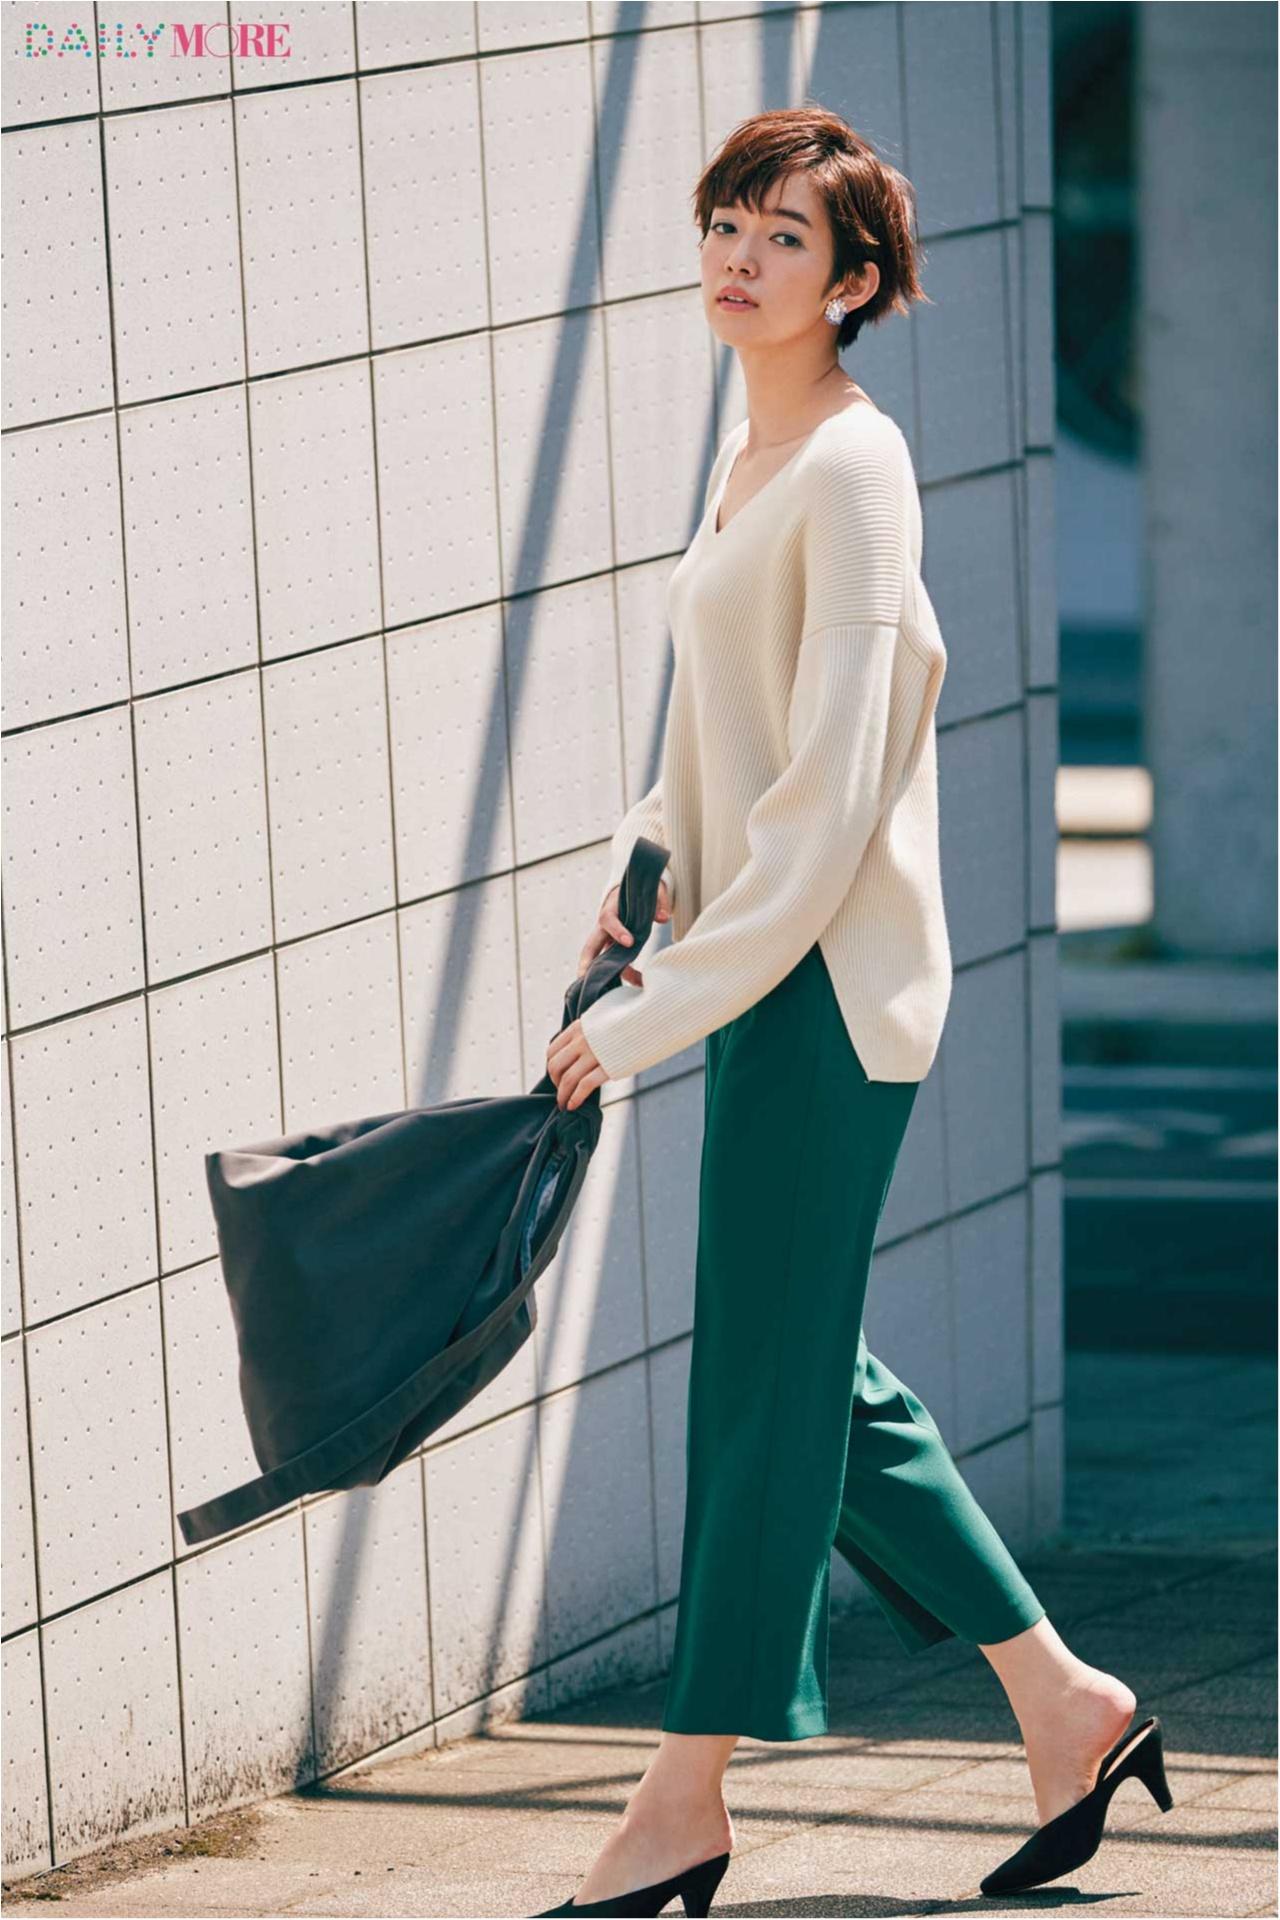 【今日のコーデ/佐藤栞里】大人っぽくて秋っぽい、グリーンのパンツで通勤コーデを一新して。_1